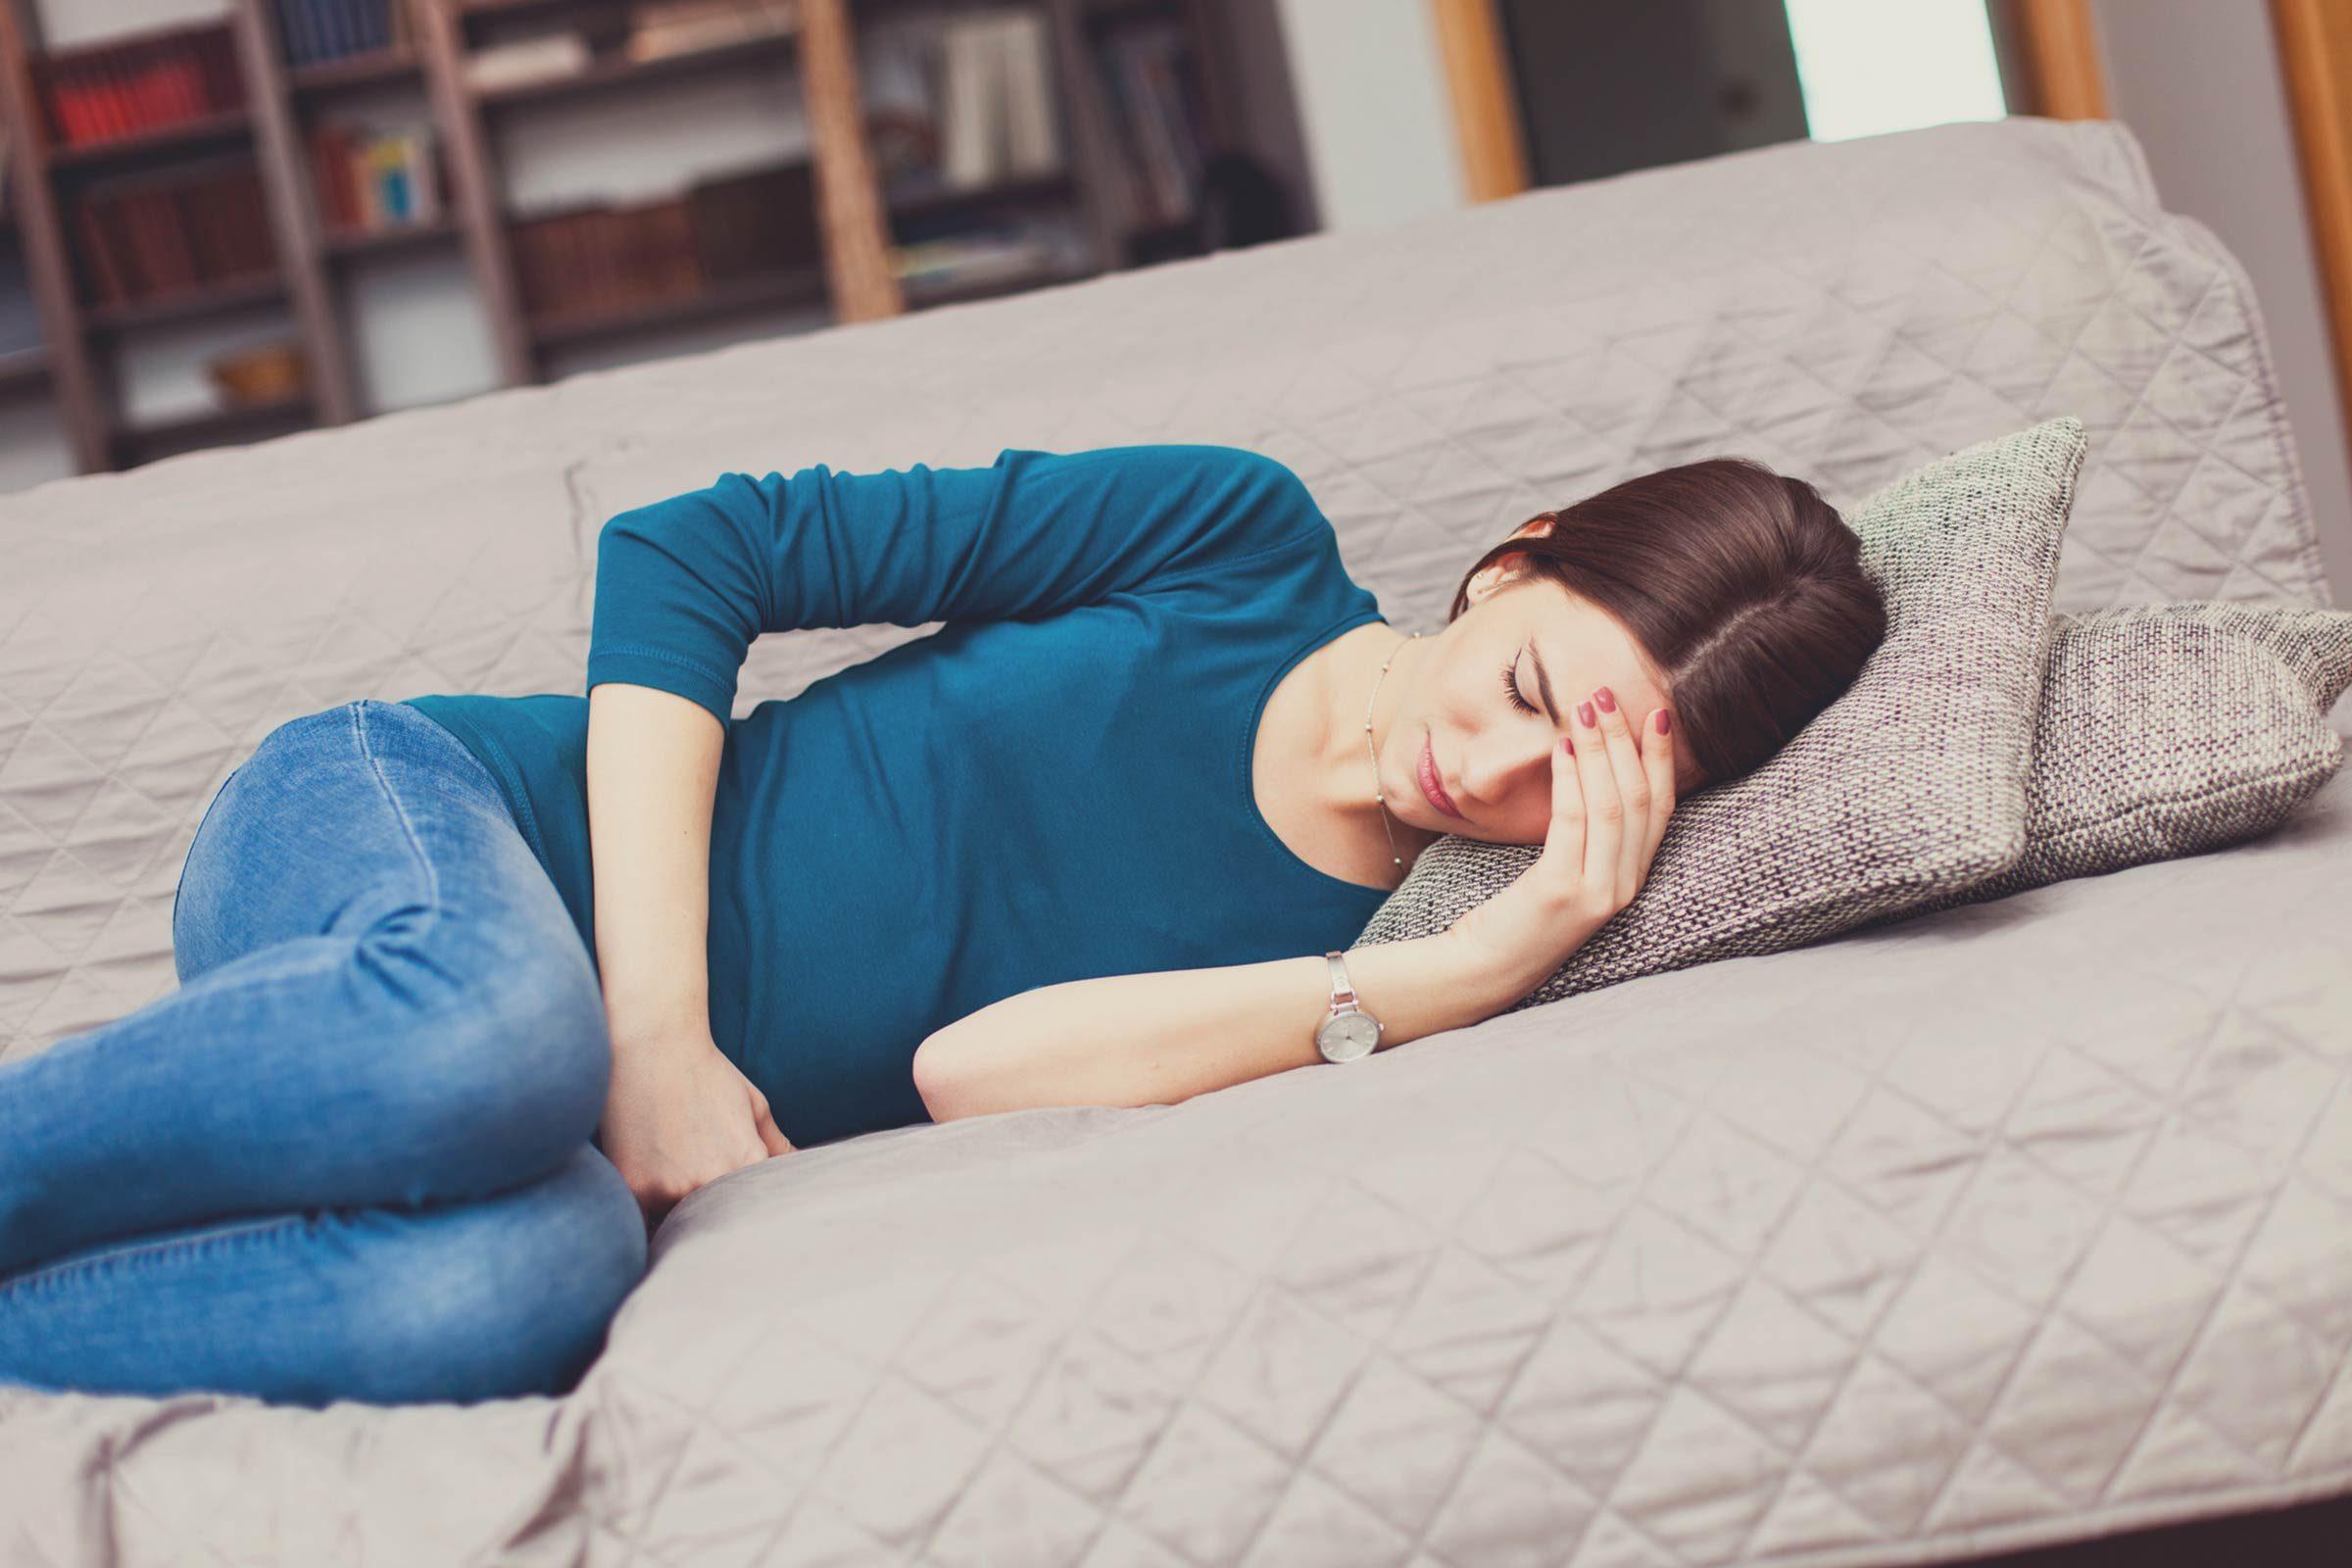 Woman feeling bloated